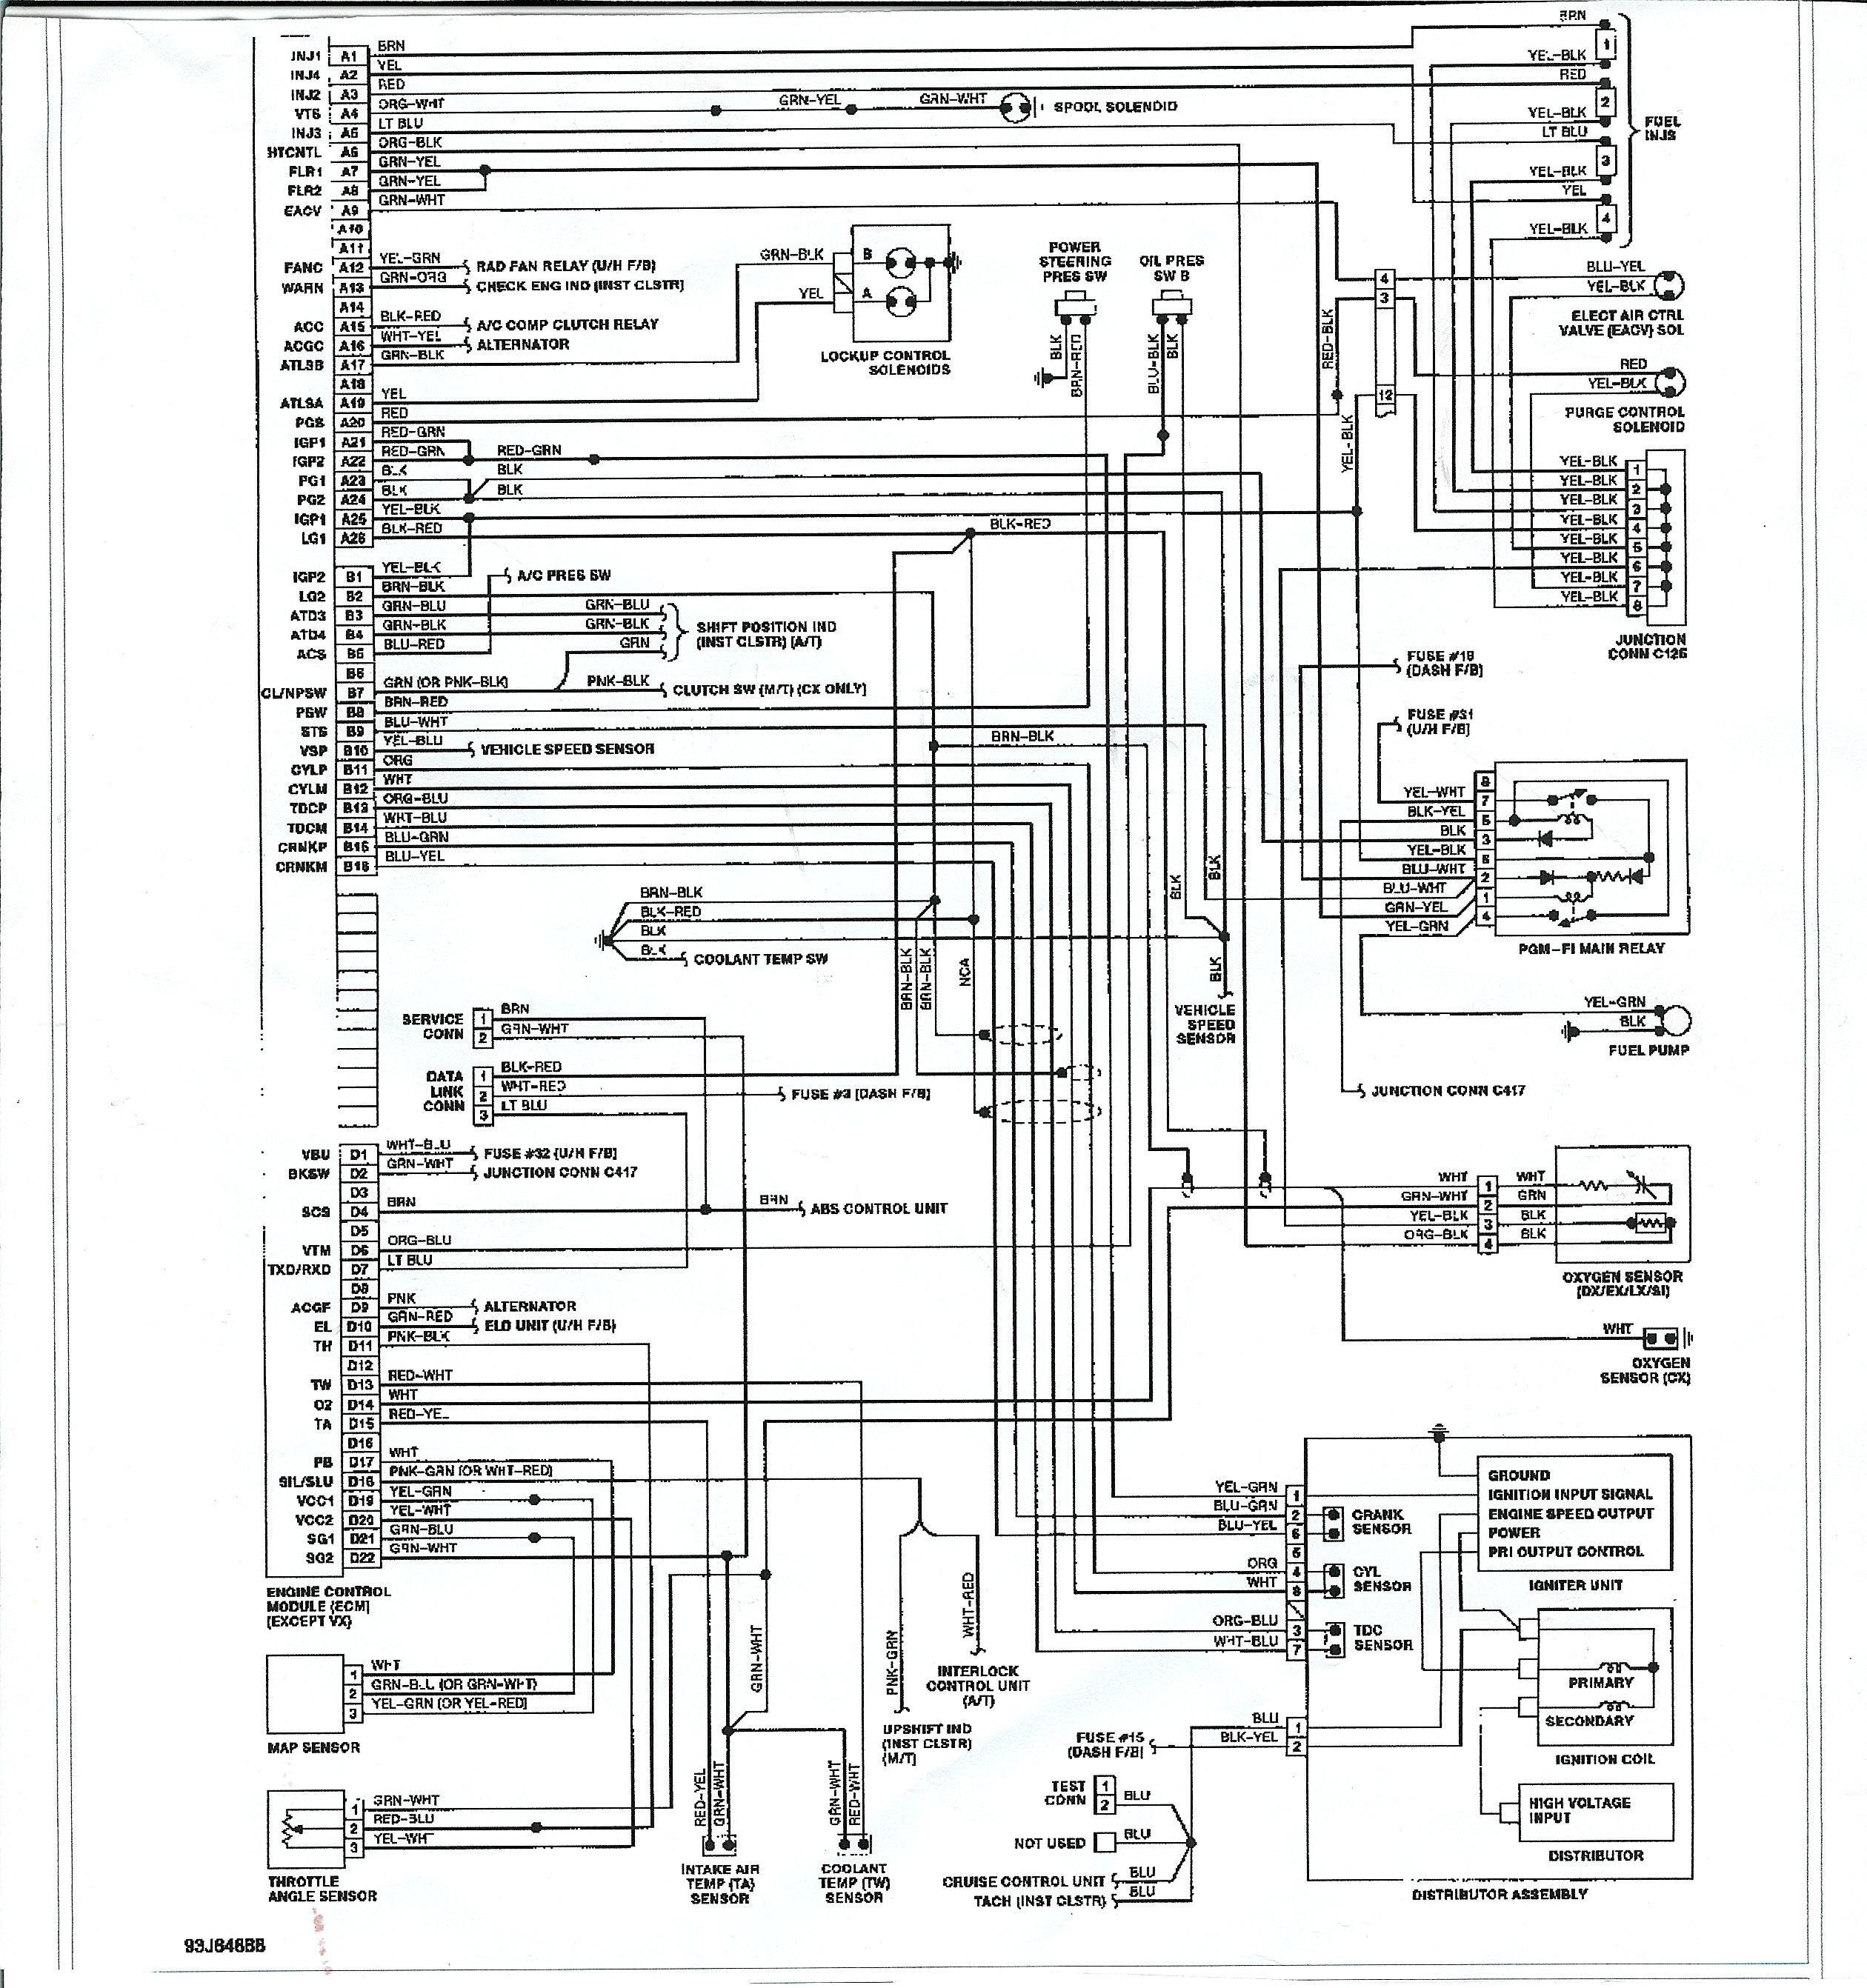 Honda Civic: 2005 Honda Civic Under Hood Diagram | 2005 Honda Civic Schematics |  | Honda Civic - blogger